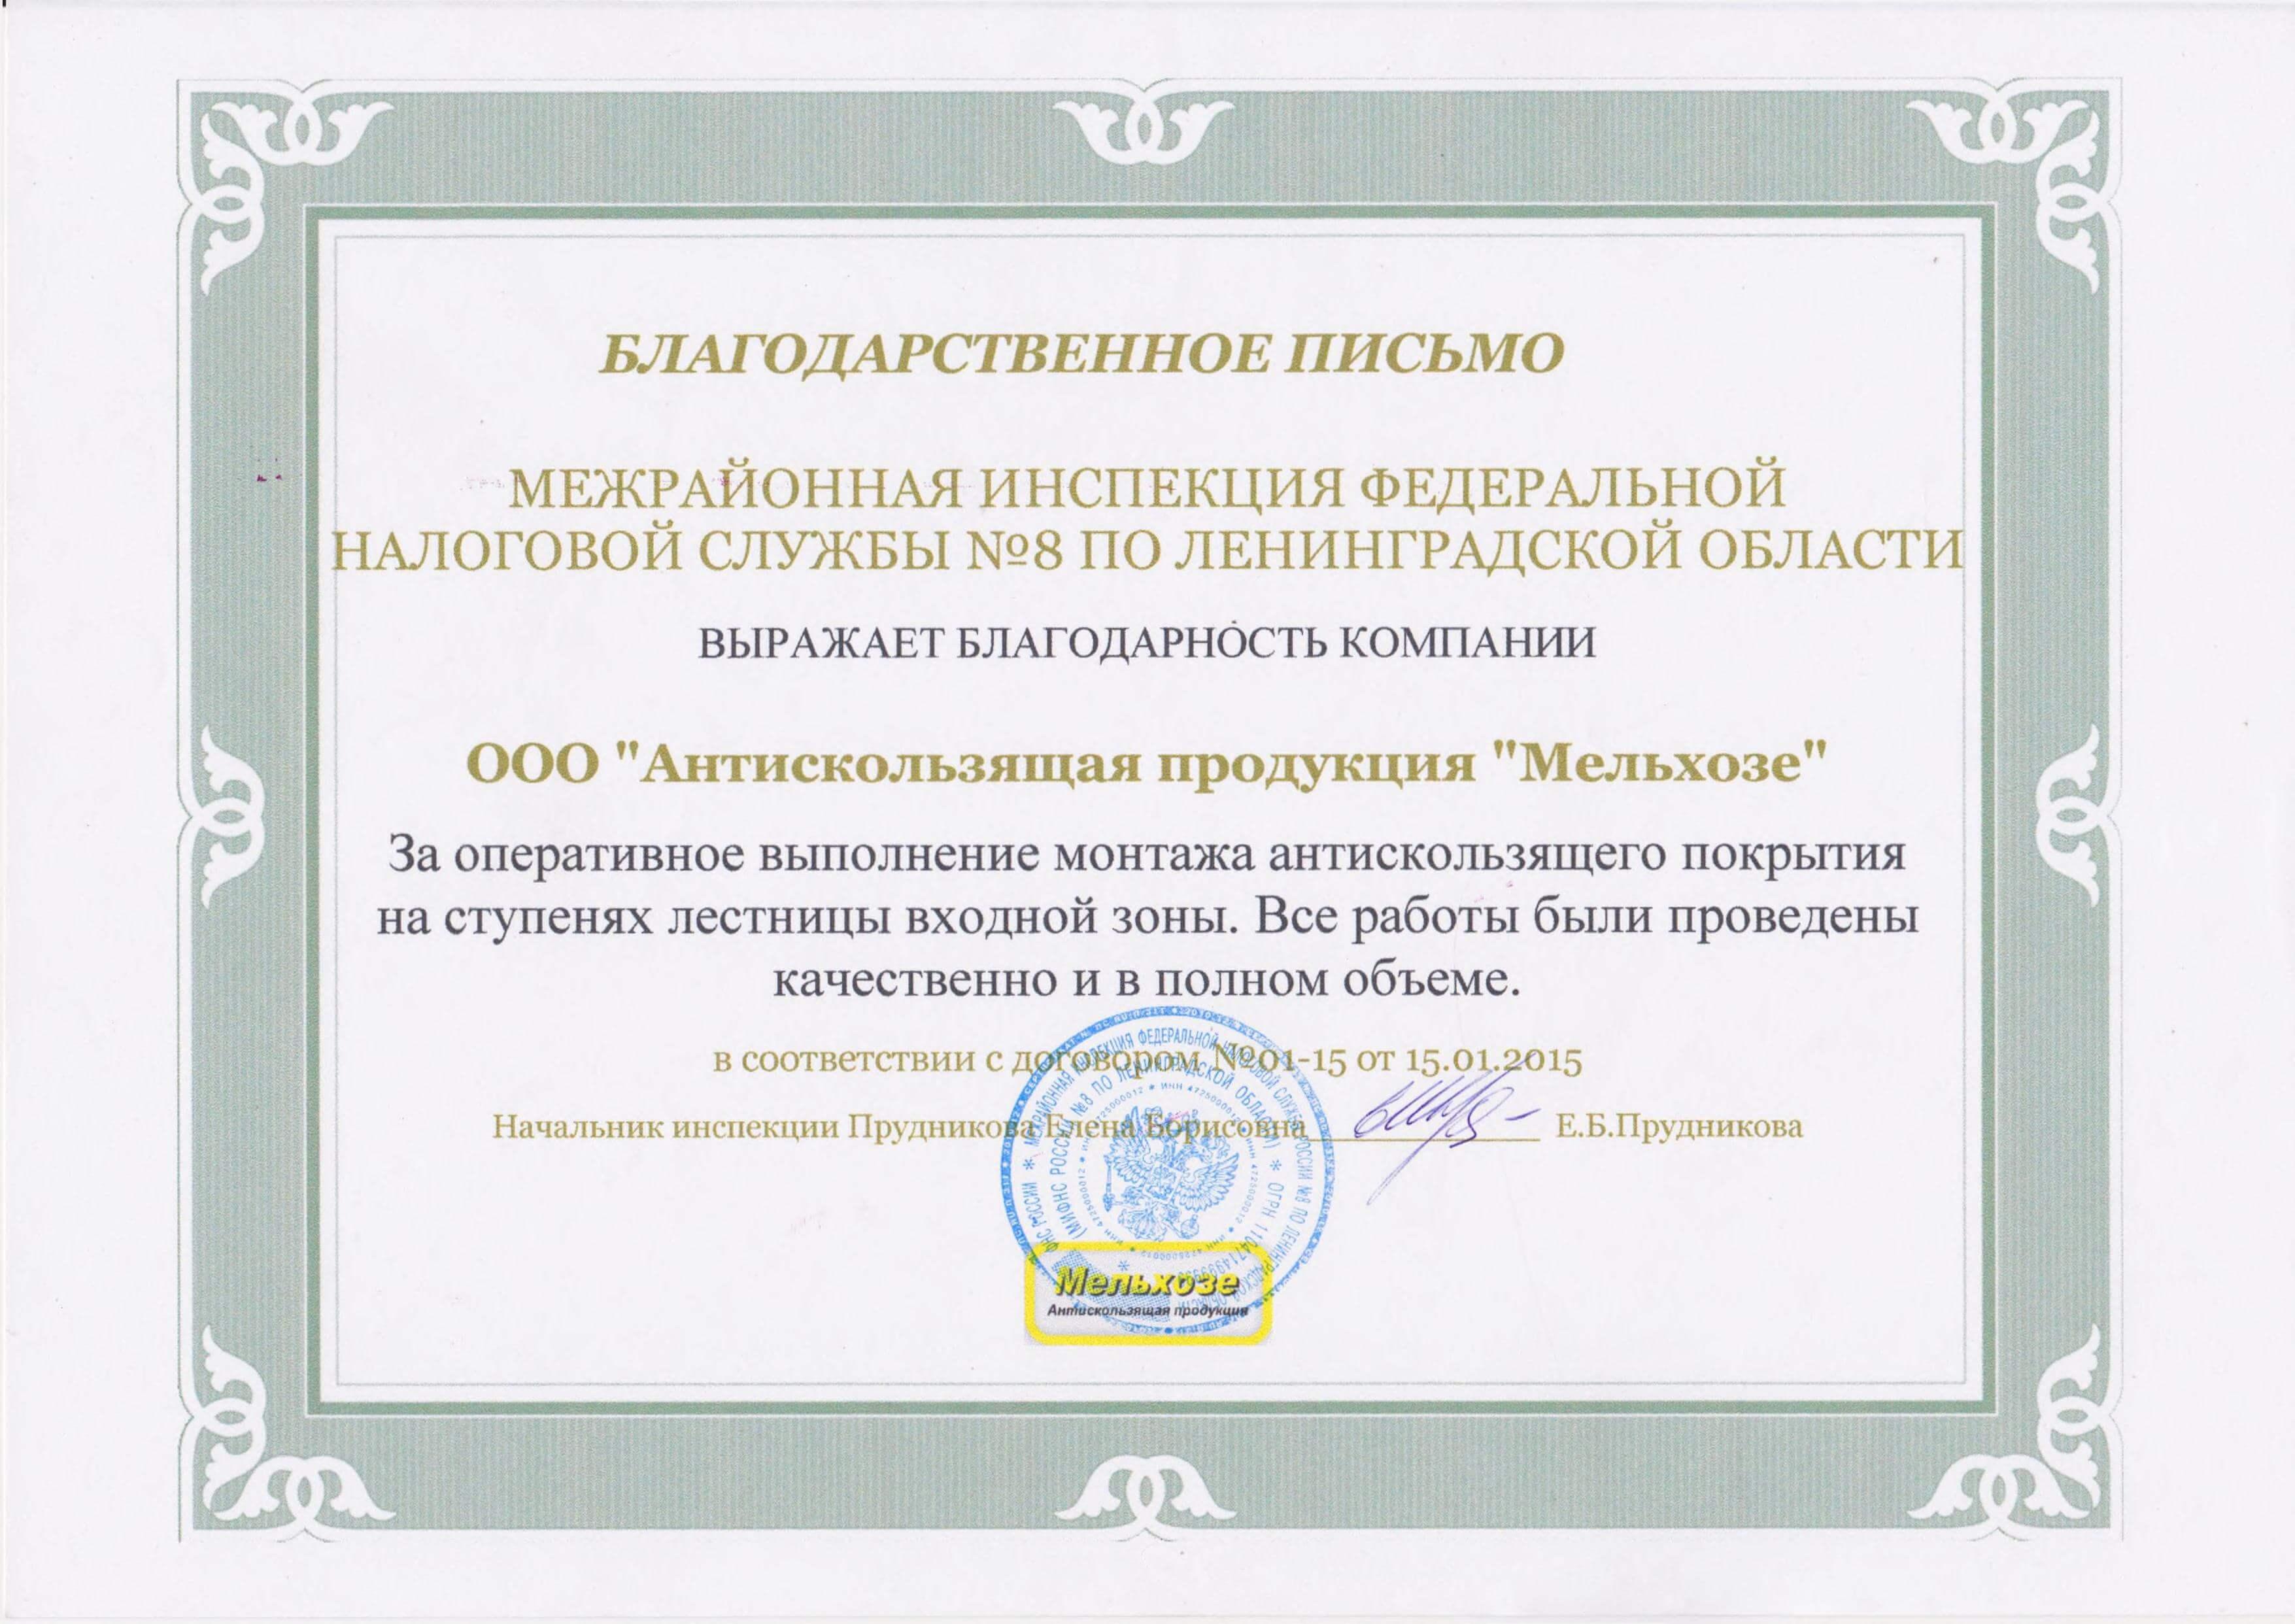 Межрайонная инспекция федеральной налоговой службы №8 (20.10.2019)